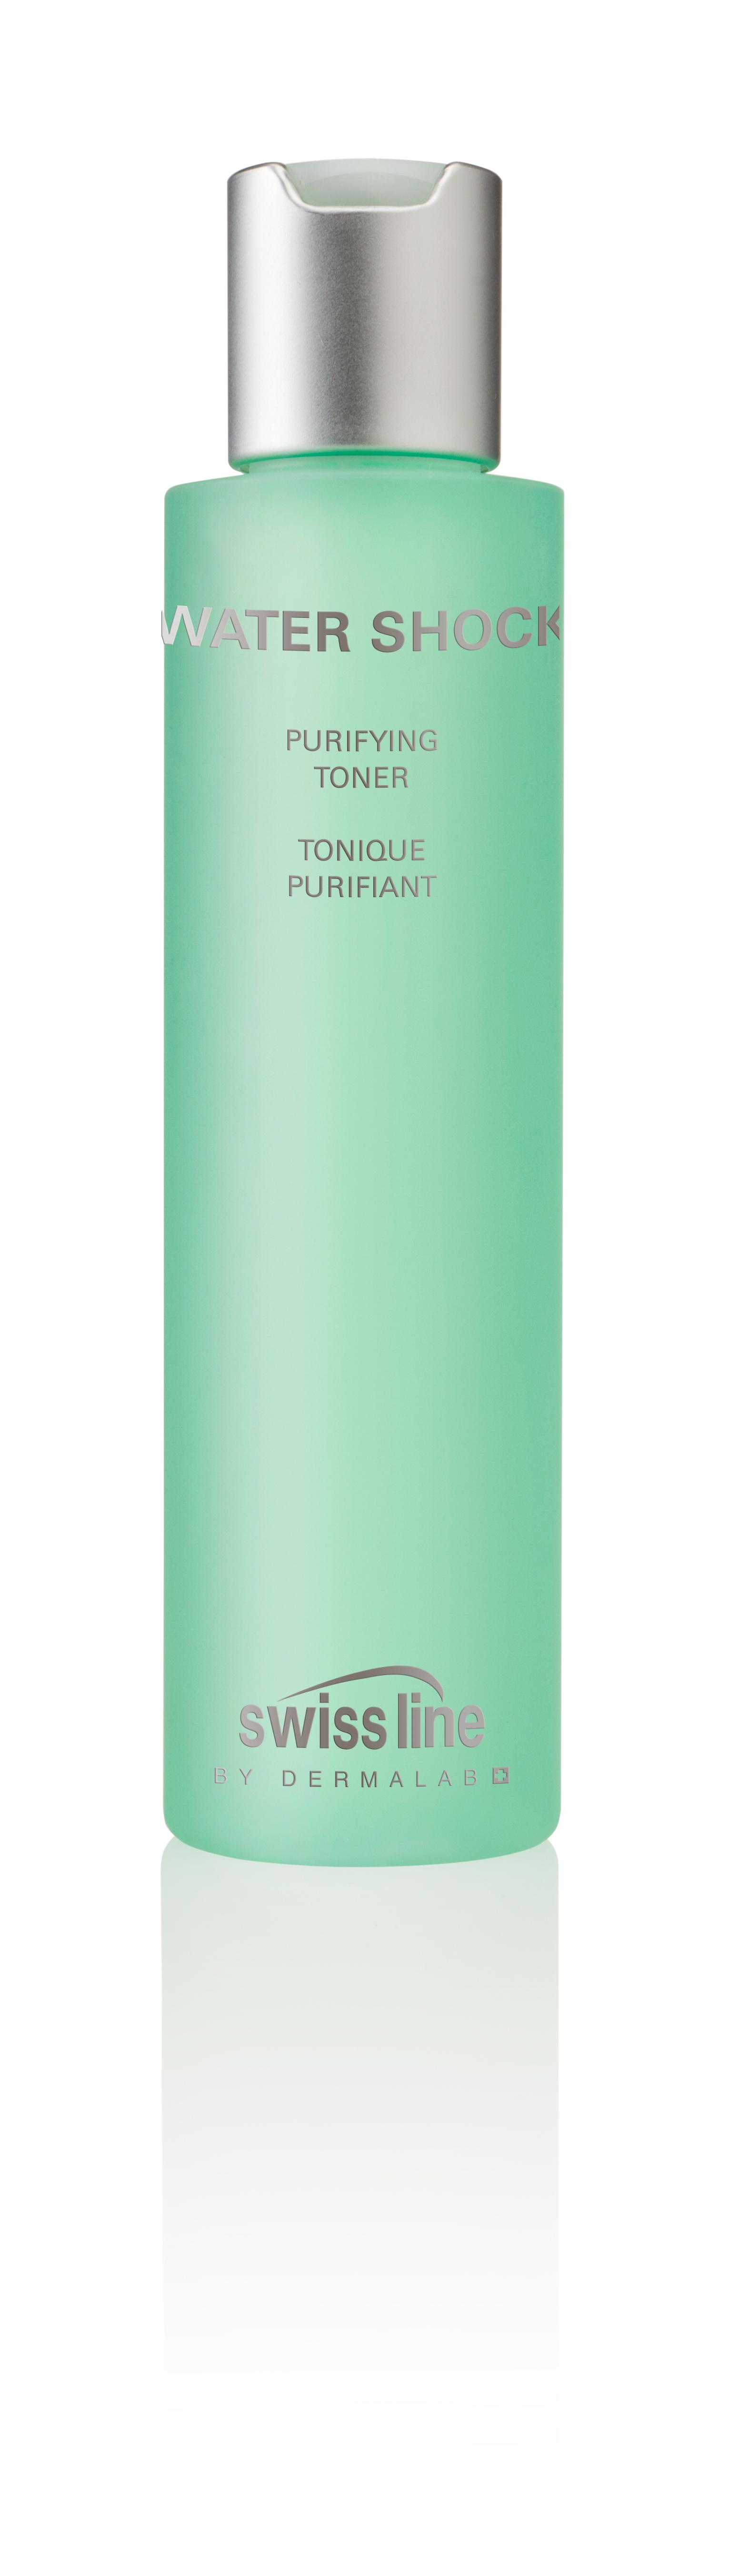 SWISS LINE Тоник очищающий для комбинированной и жирной кожи / Purifying toner 160 мл